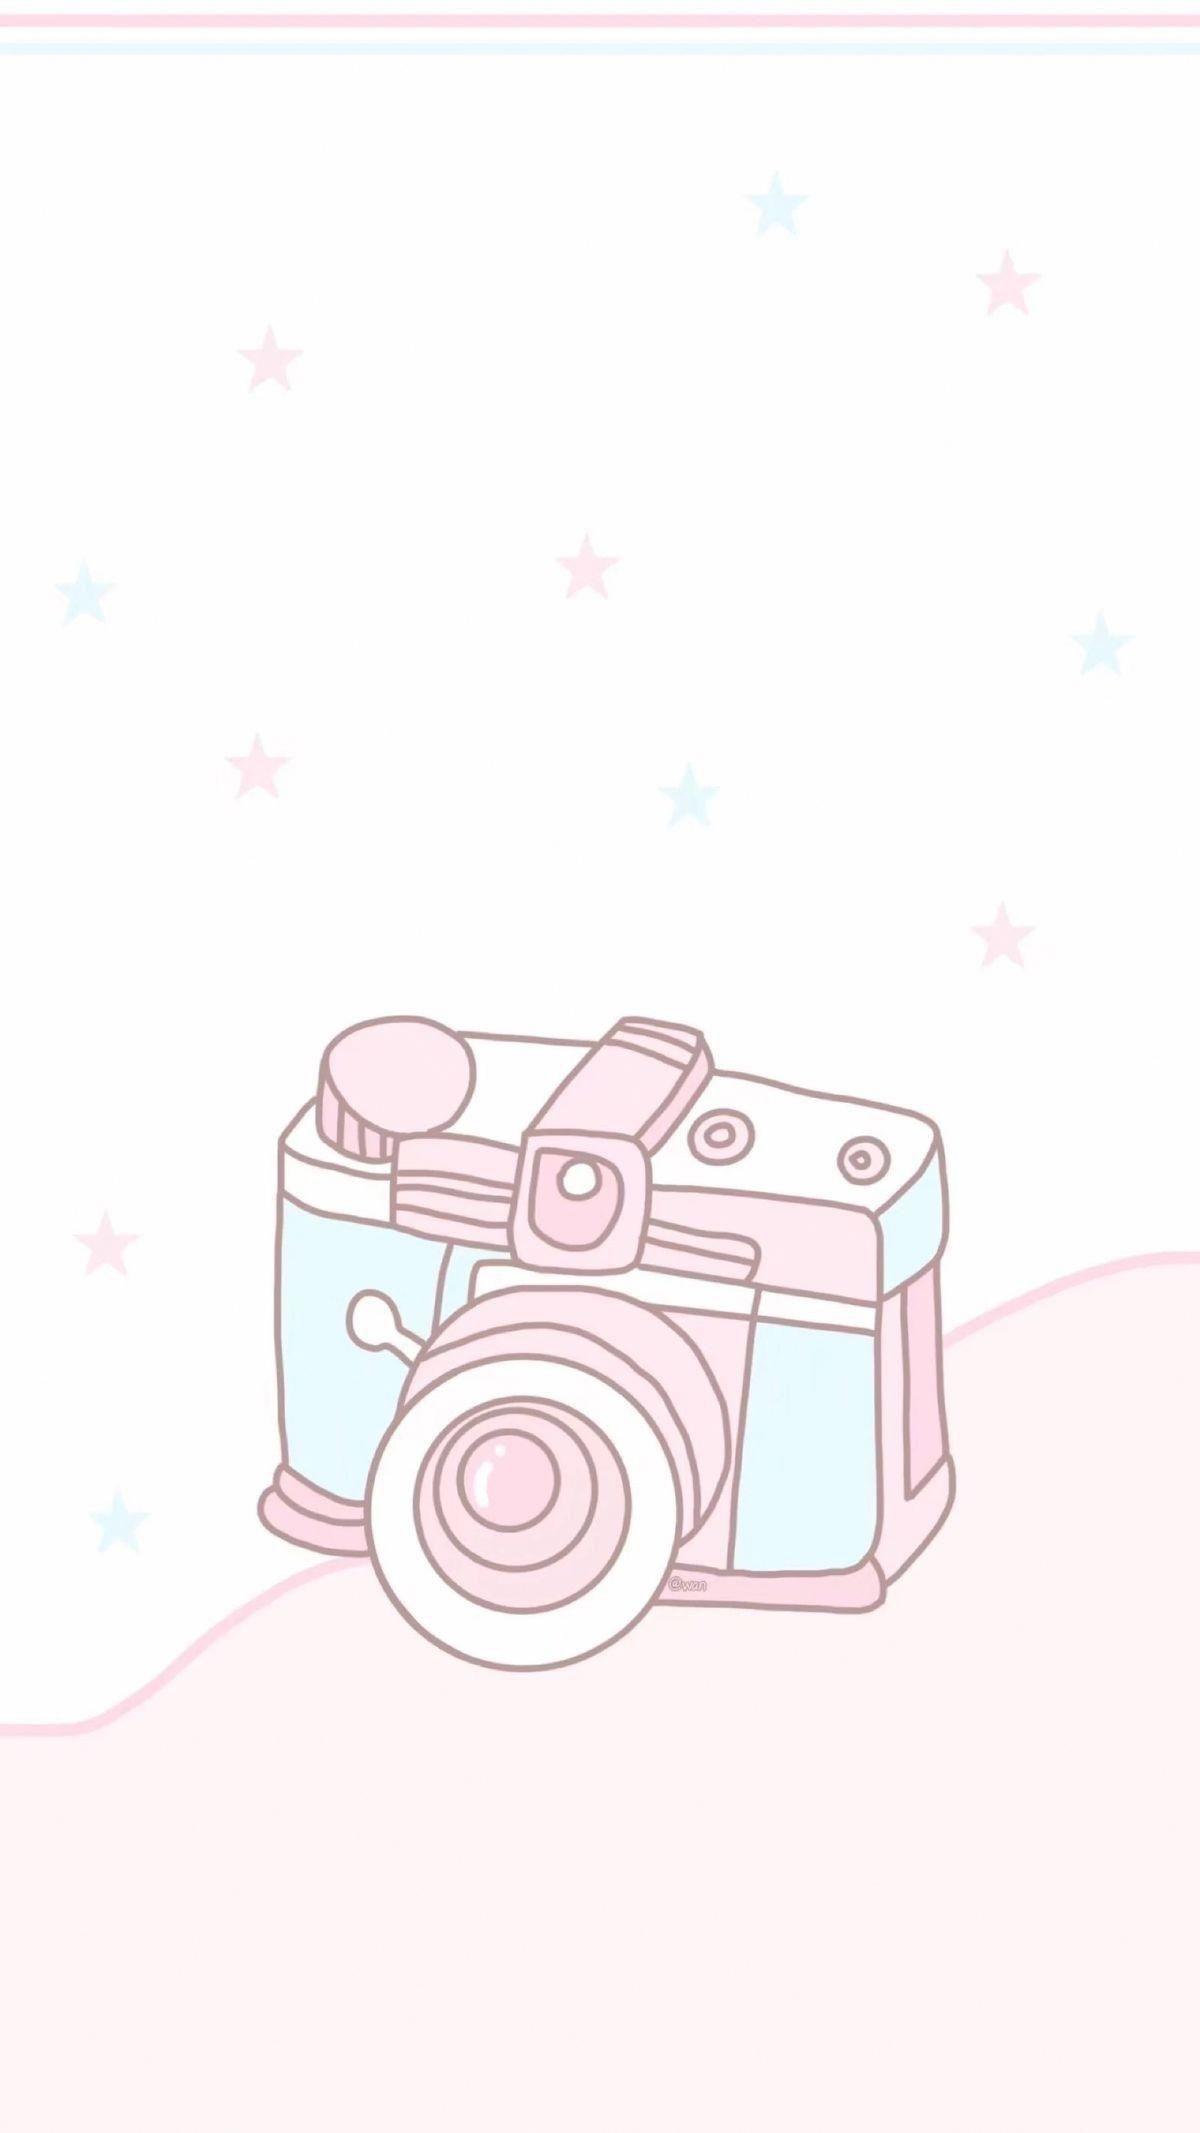 """À¸à¸¥ À¸à¸‡à¸ª À¸""""น Astheticwallpaperiphonepastel Cute Pastel Wallpaper Cute Patterns Wallpaper Aesthetic Iphone Wallpaper"""